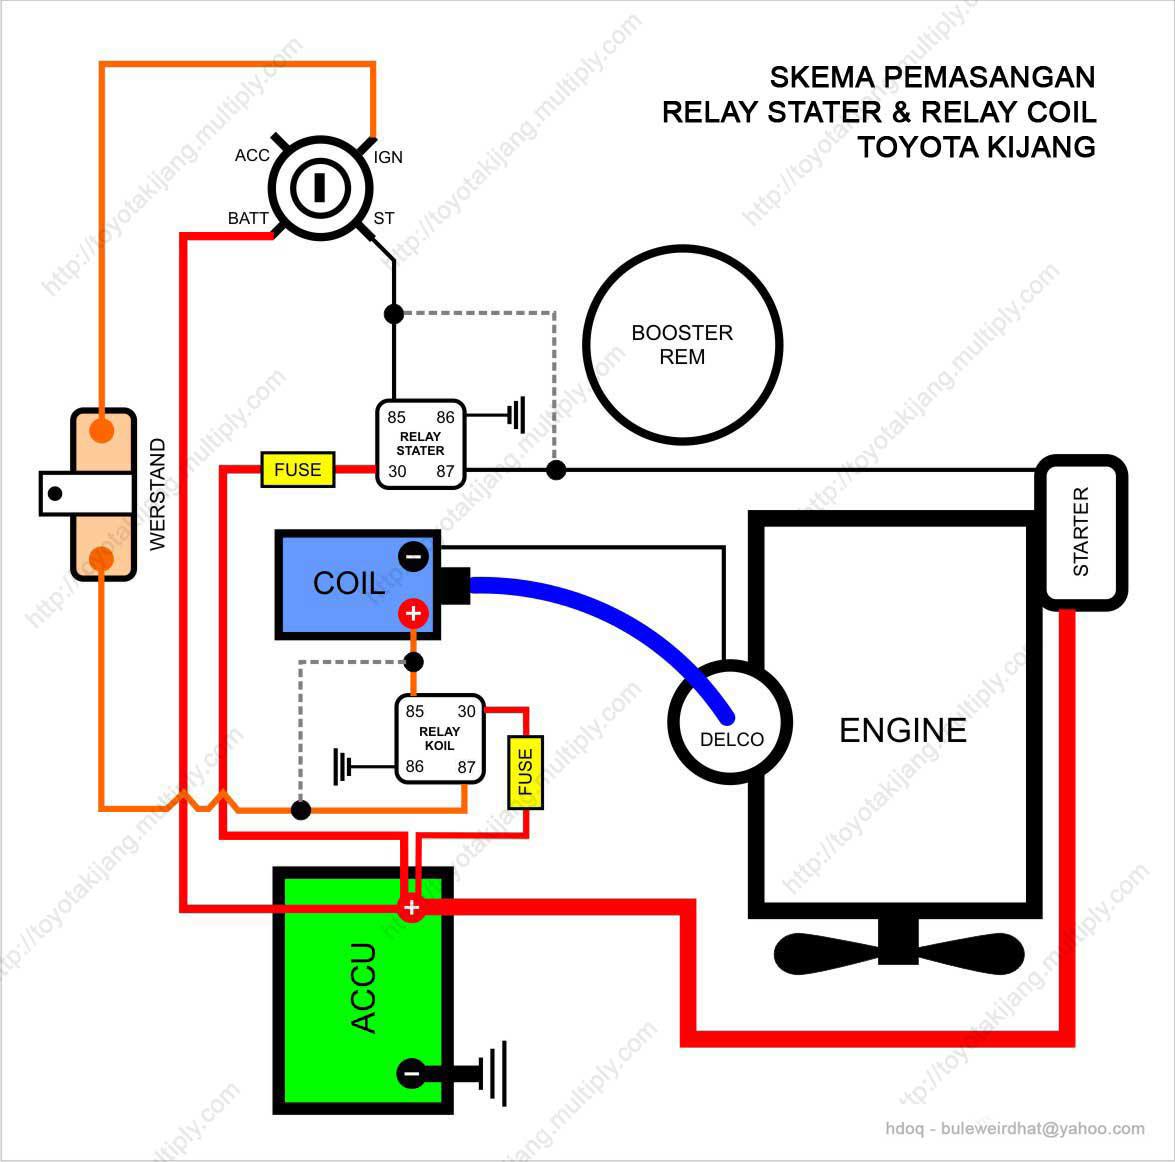 wiring diagram toyota kijang 5k 3 4 way switch kelistrikan mobil shirogadget